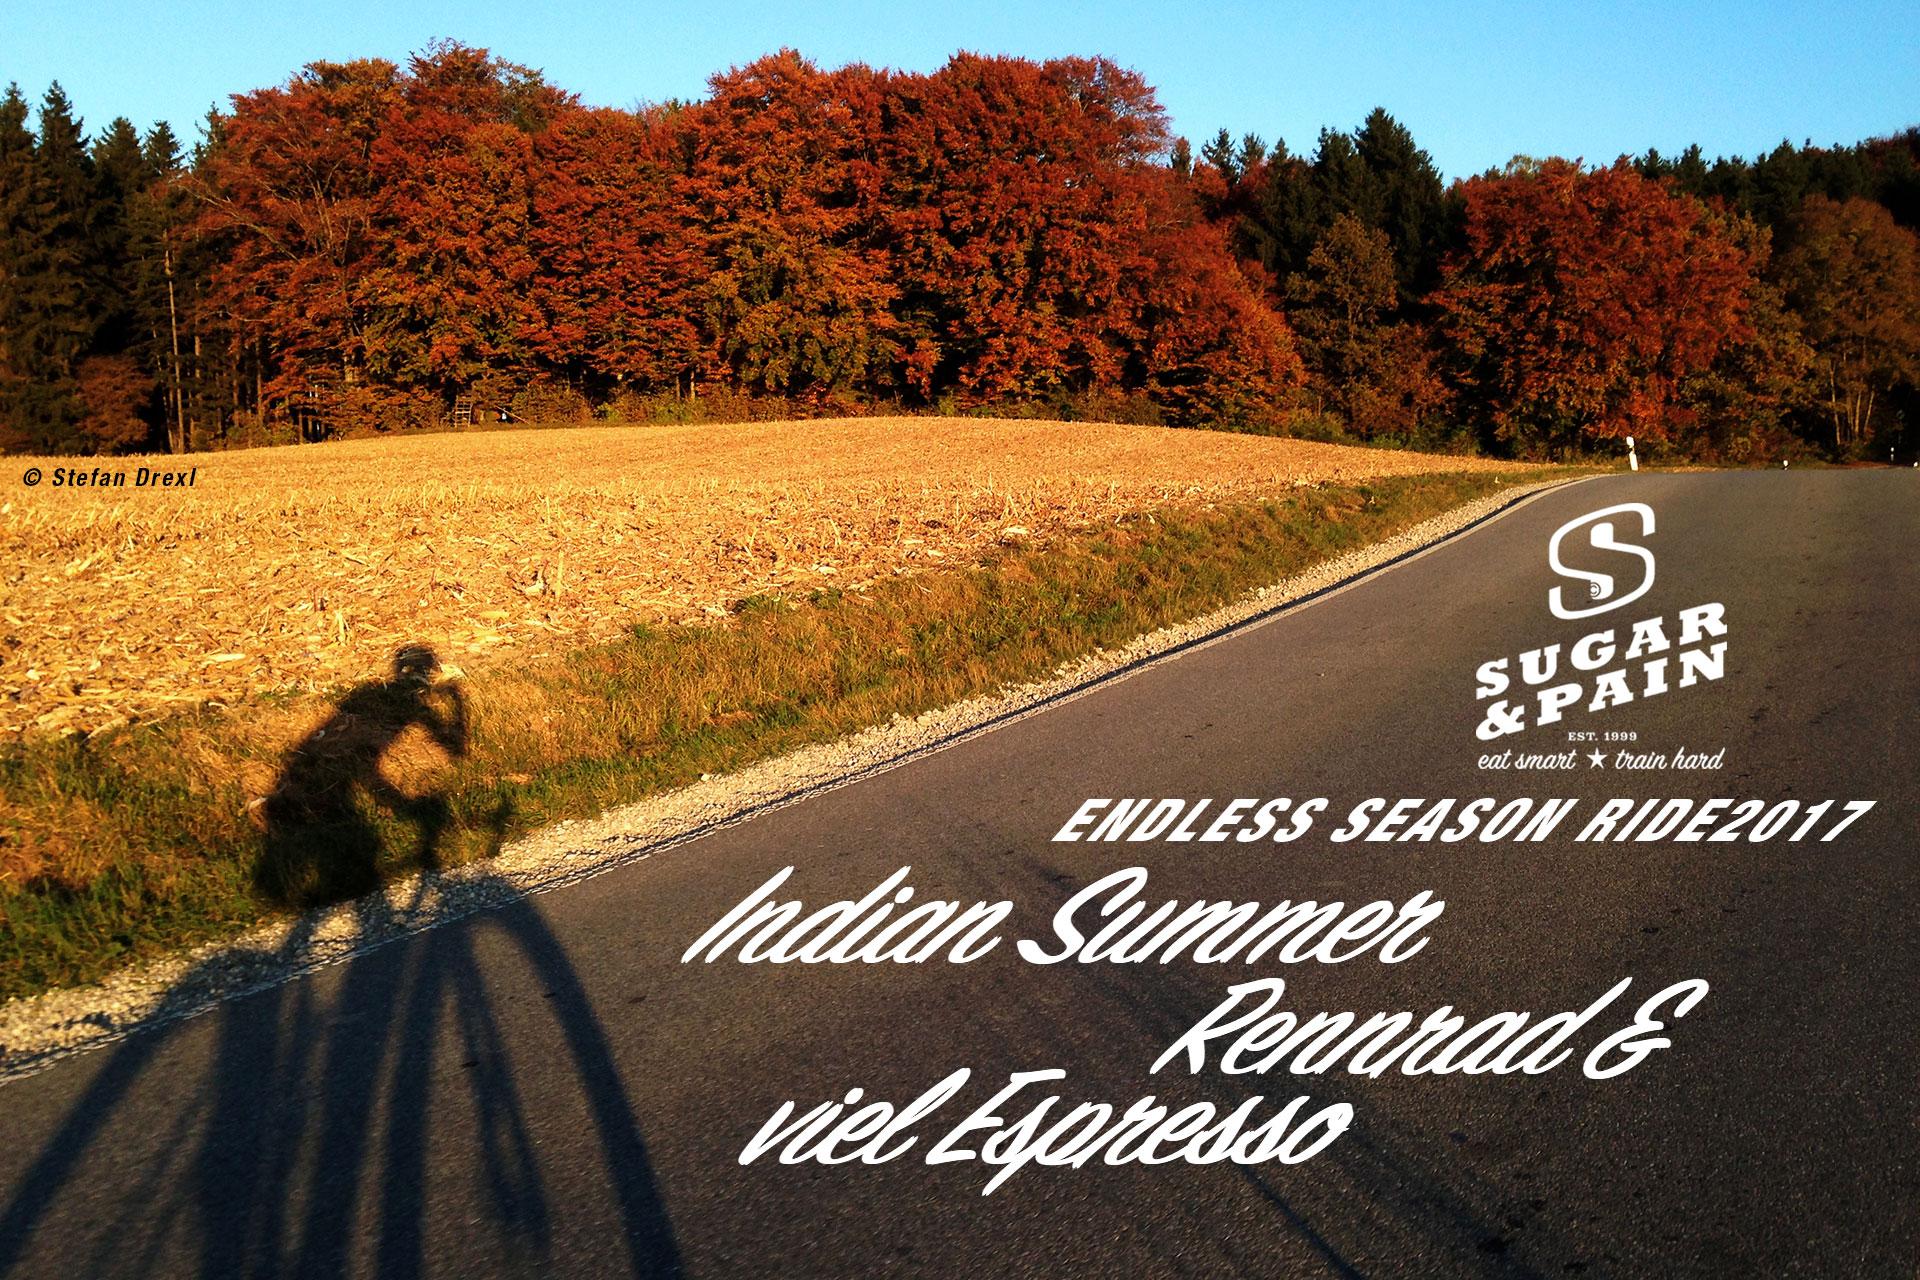 SUGAR & PAIN ENDLESS SEASON RIDE 17 Indian Summer, Rennrad und viel Espresso / Großartige Colour Story und Schattenspiele auf dem Heimweg © Stefan Drexl